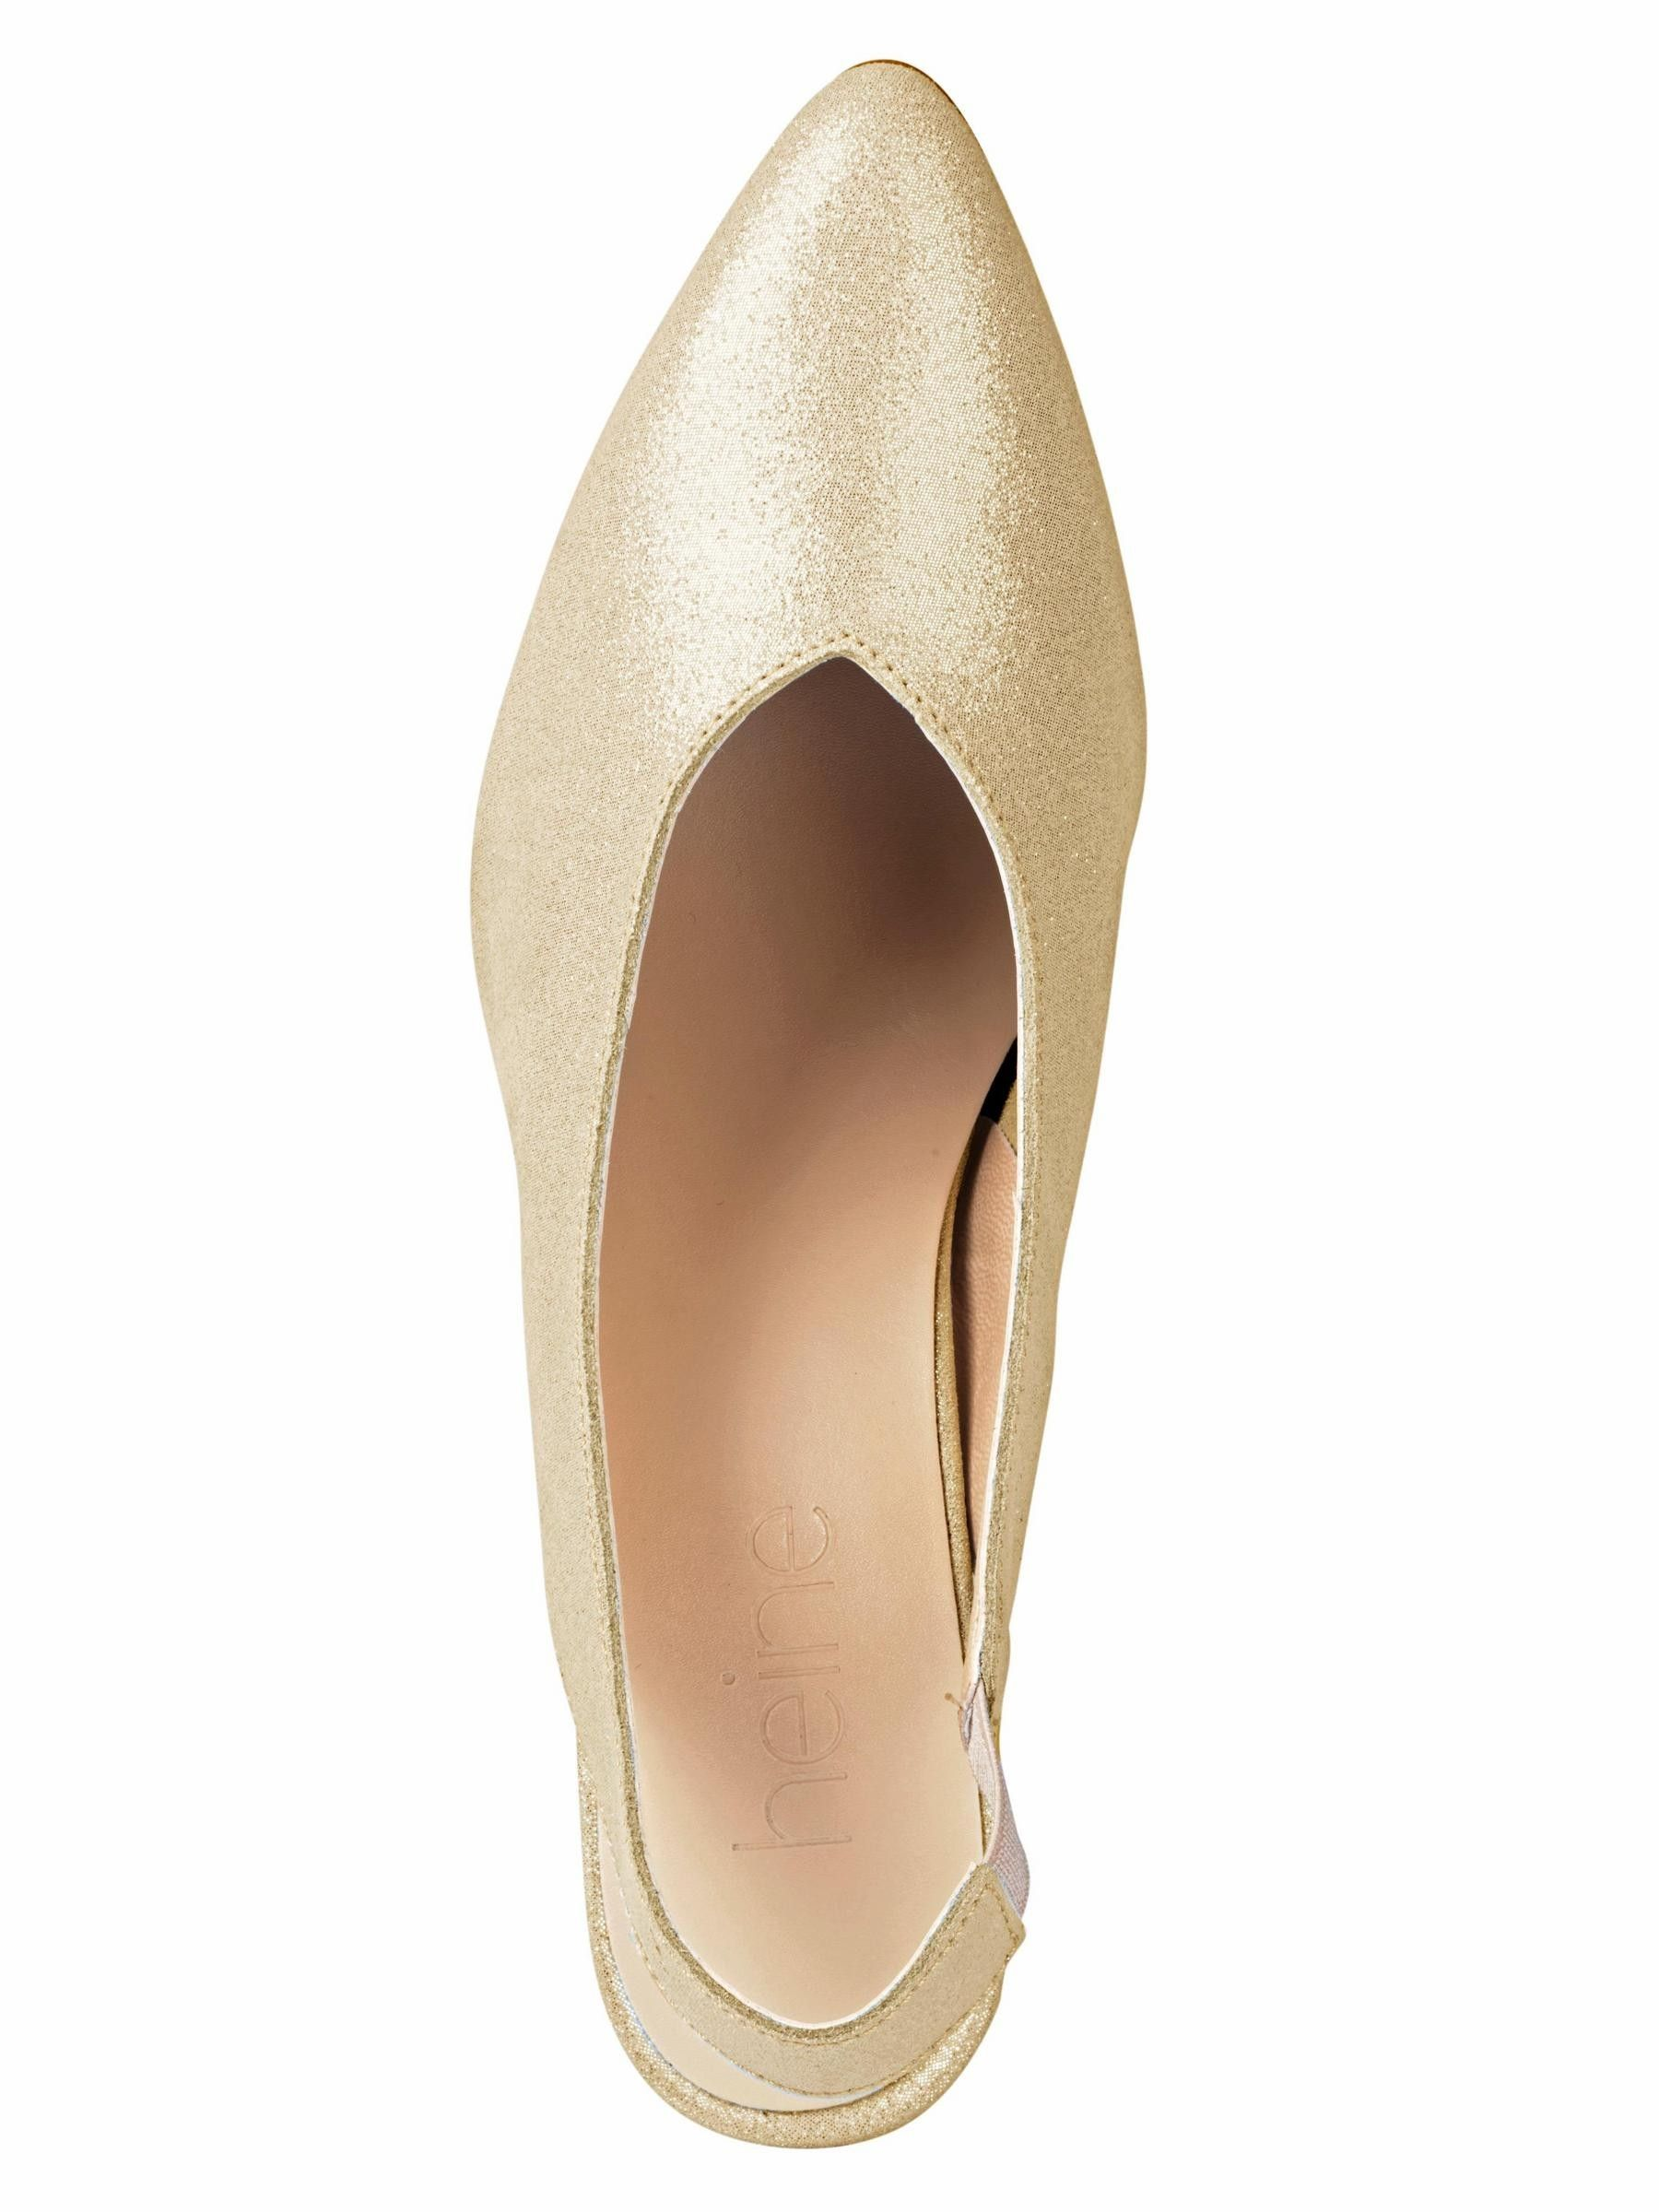 HEINE Slingpumps gold Leder | I LOVE SHOPPING | Gold leder